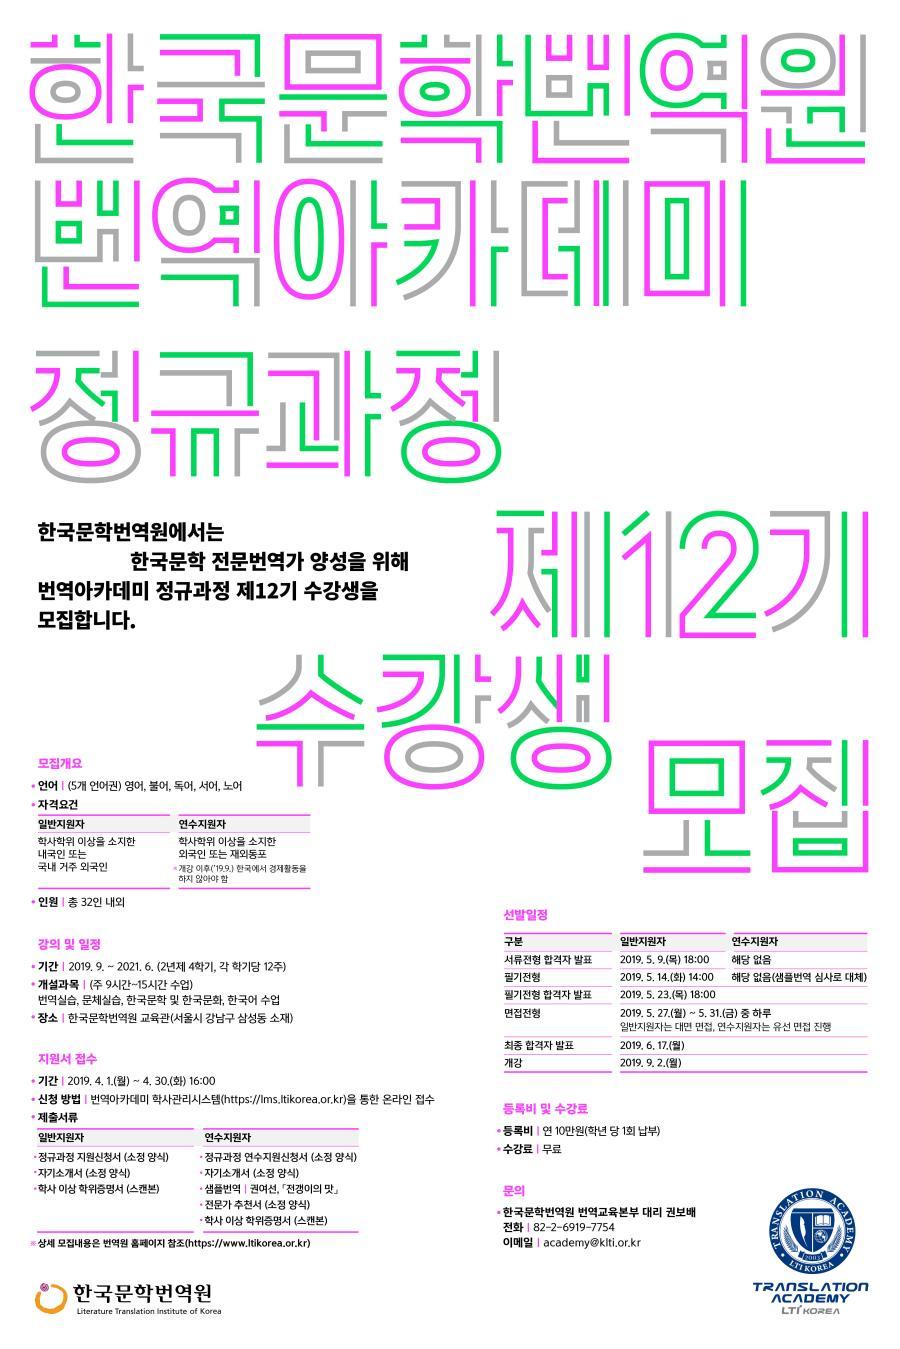 2019 번역아카데미 정규과정 제12기 수강생 모집(국문) 포스터